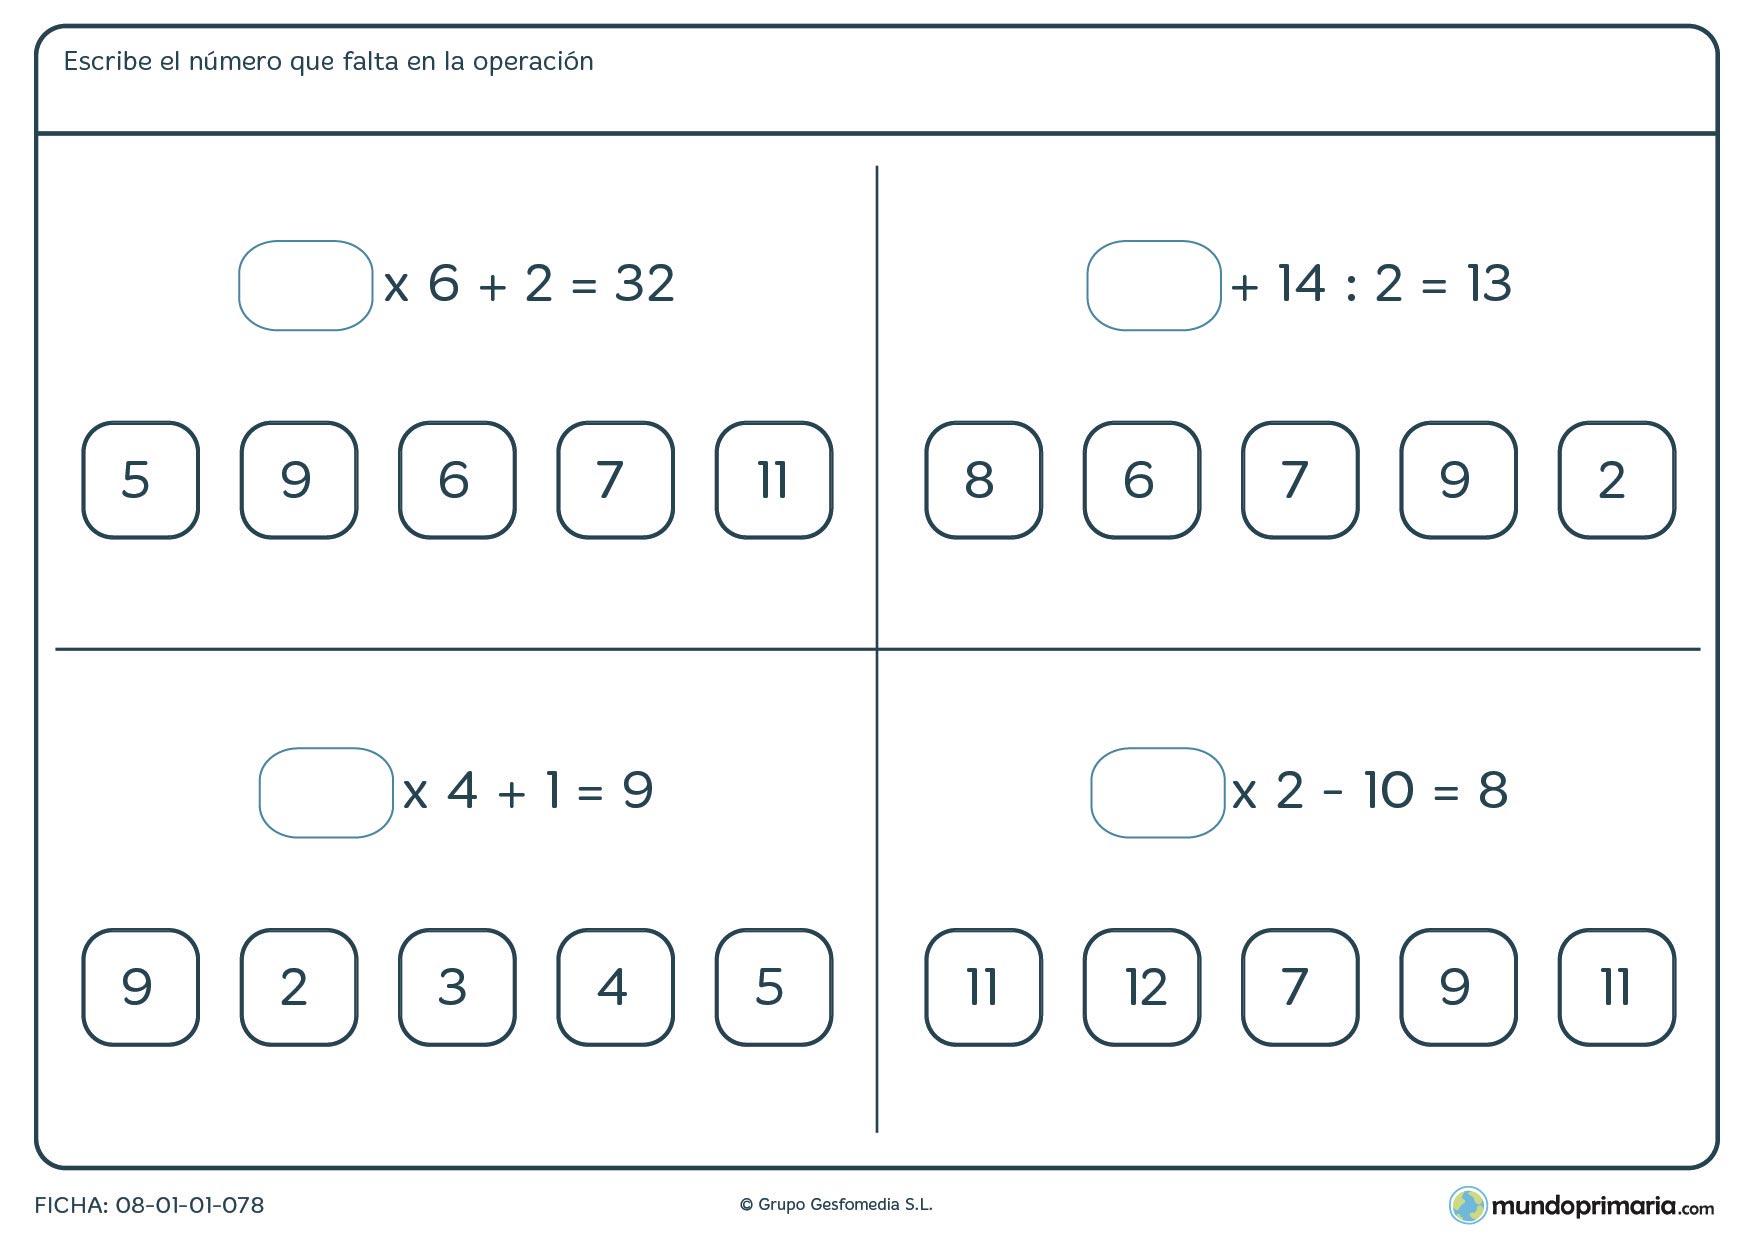 Ficha para rellenar el hueco con los números de la imagen para sexto